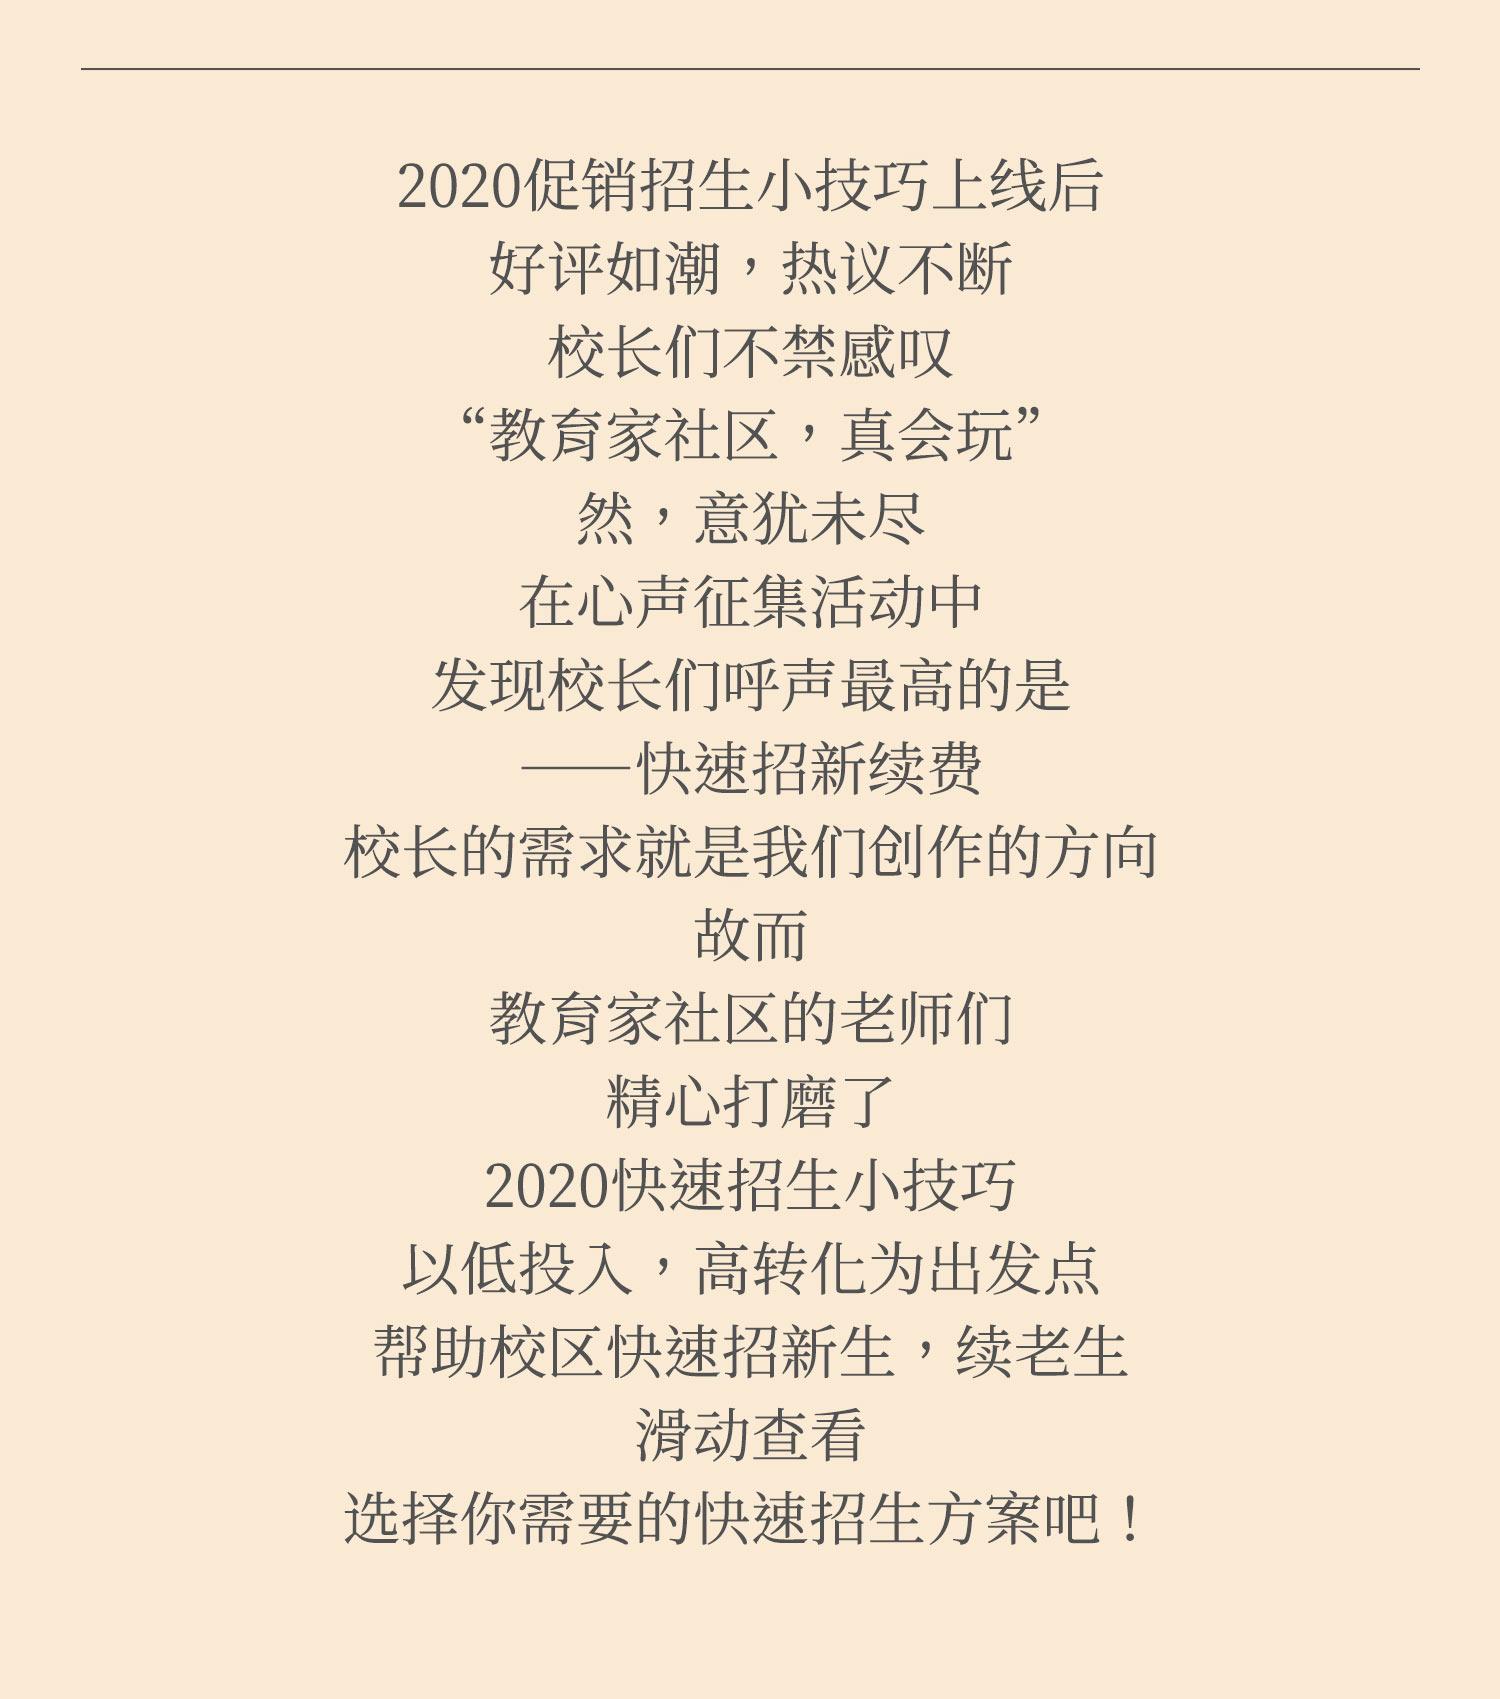 详情-拷贝_02.jpg